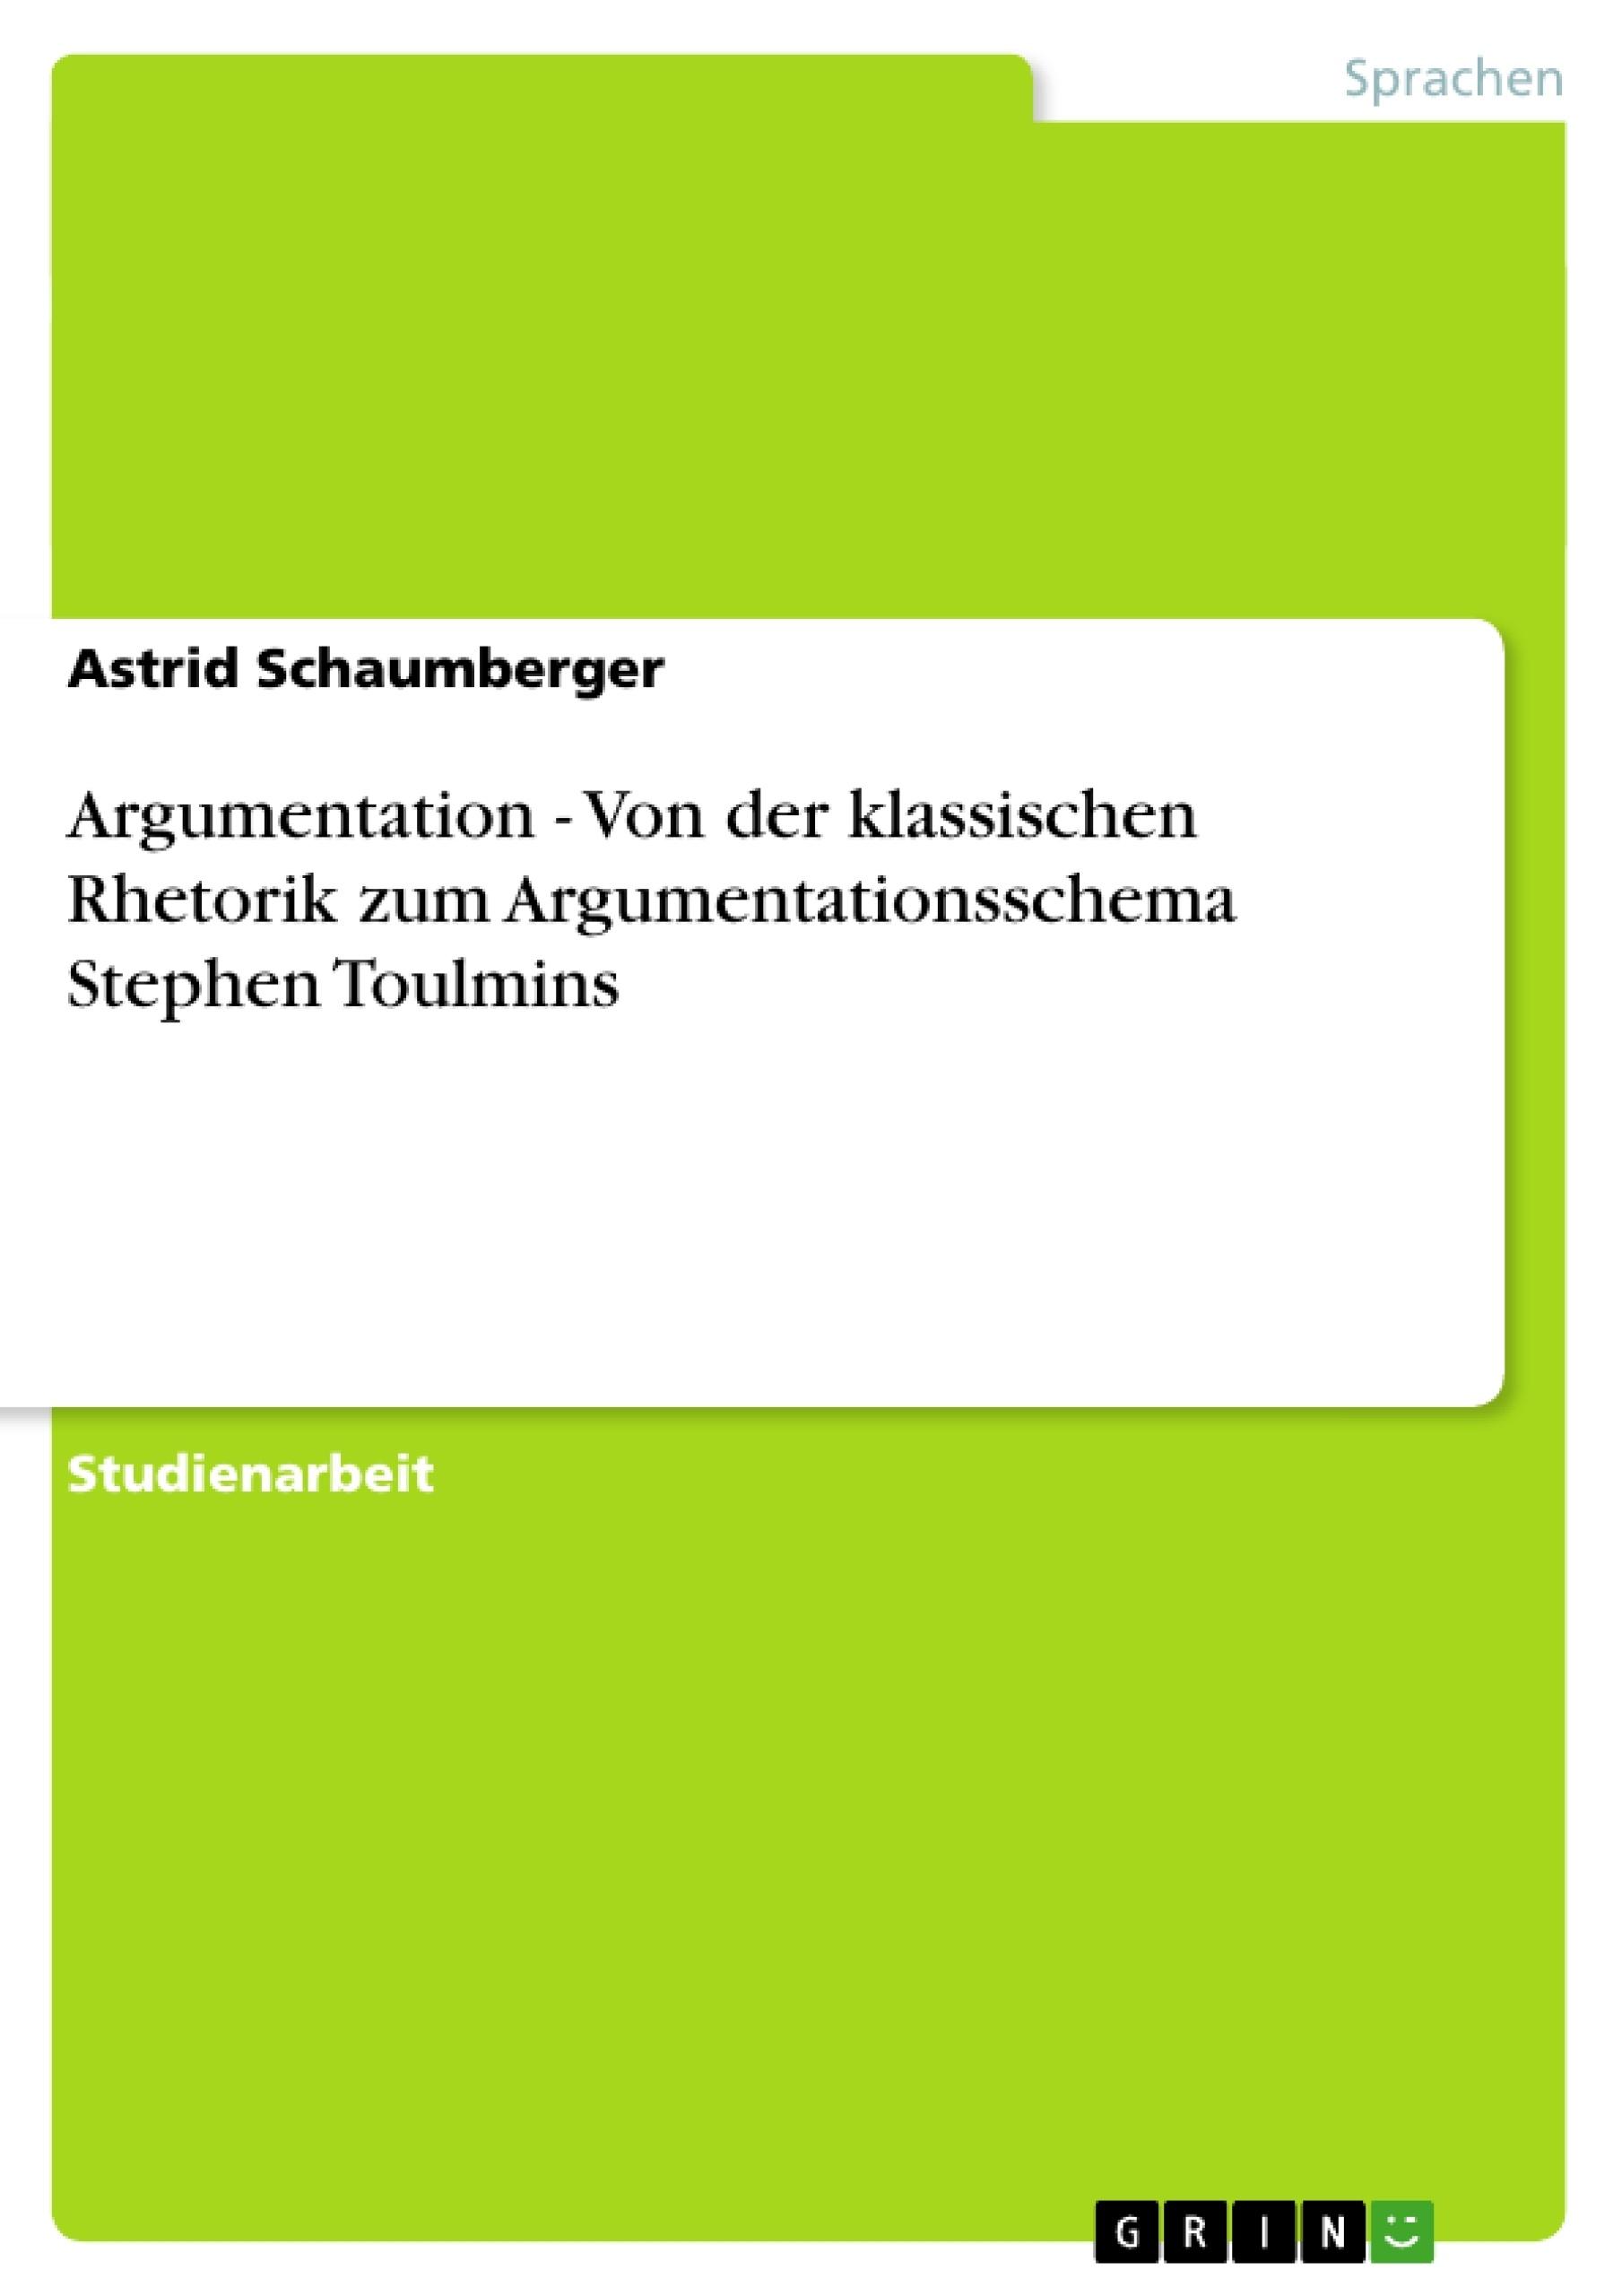 Titel: Argumentation - Von der klassischen Rhetorik zum Argumentationsschema Stephen Toulmins